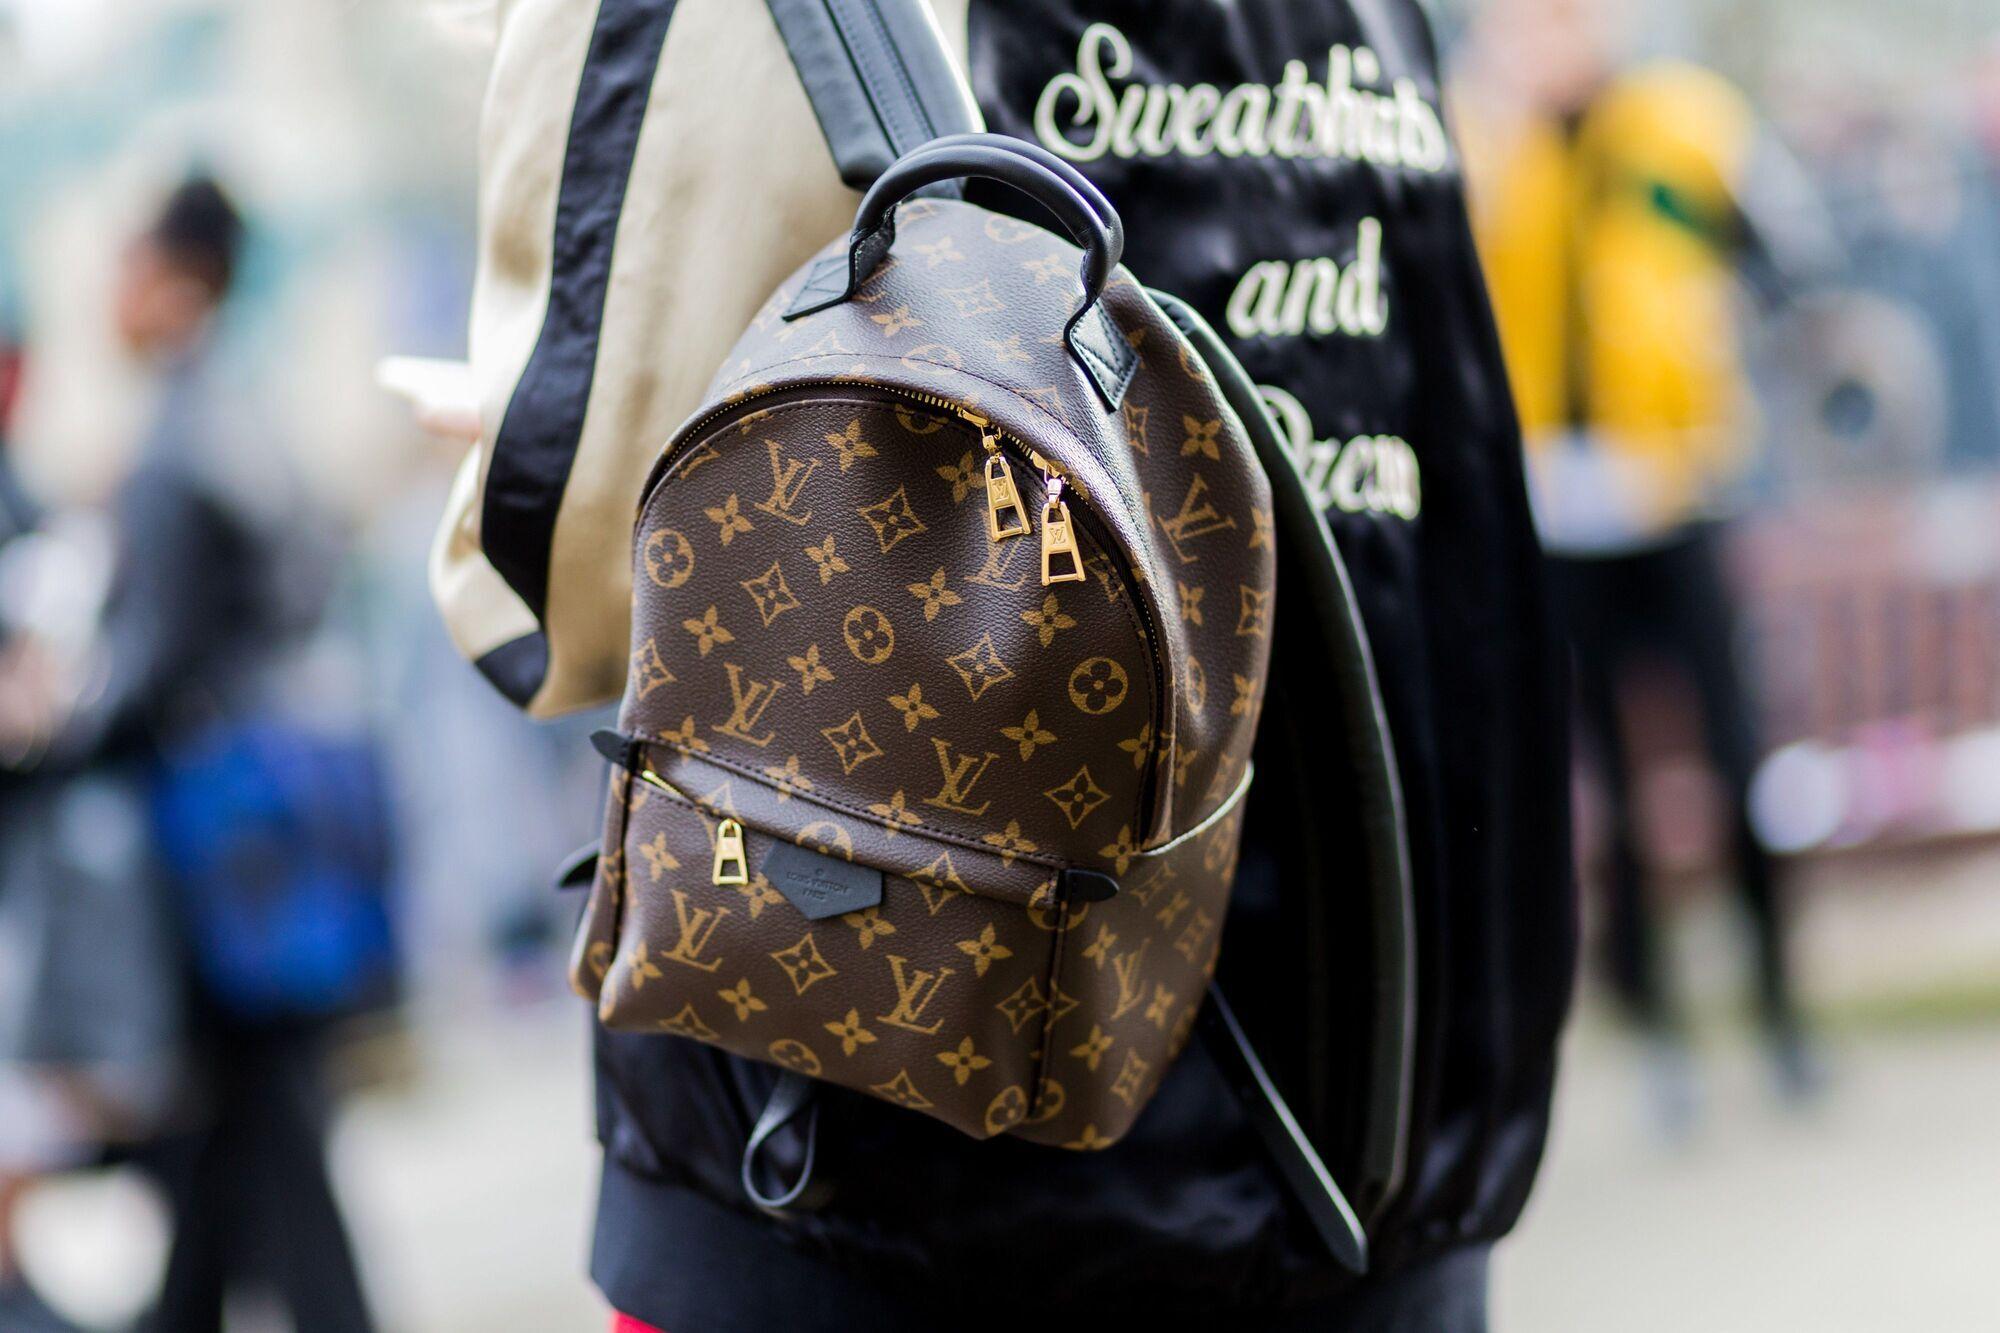 Стильний невеликий рюкзак можна поєднувати з одягом різних стилів